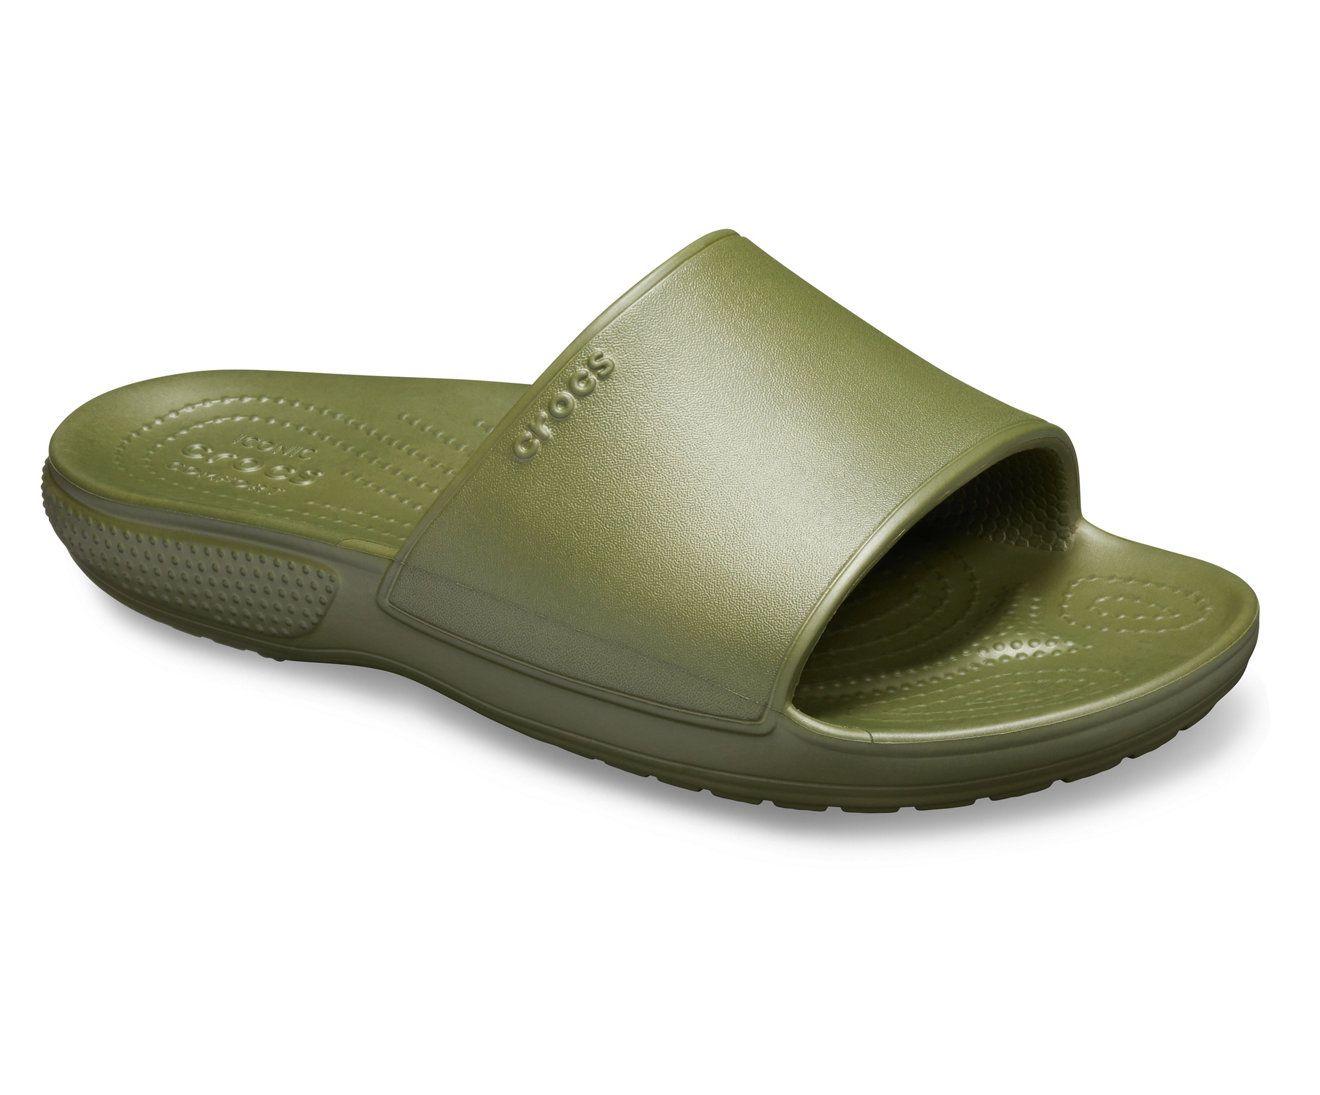 Crocs Classic II Kids Green Slide